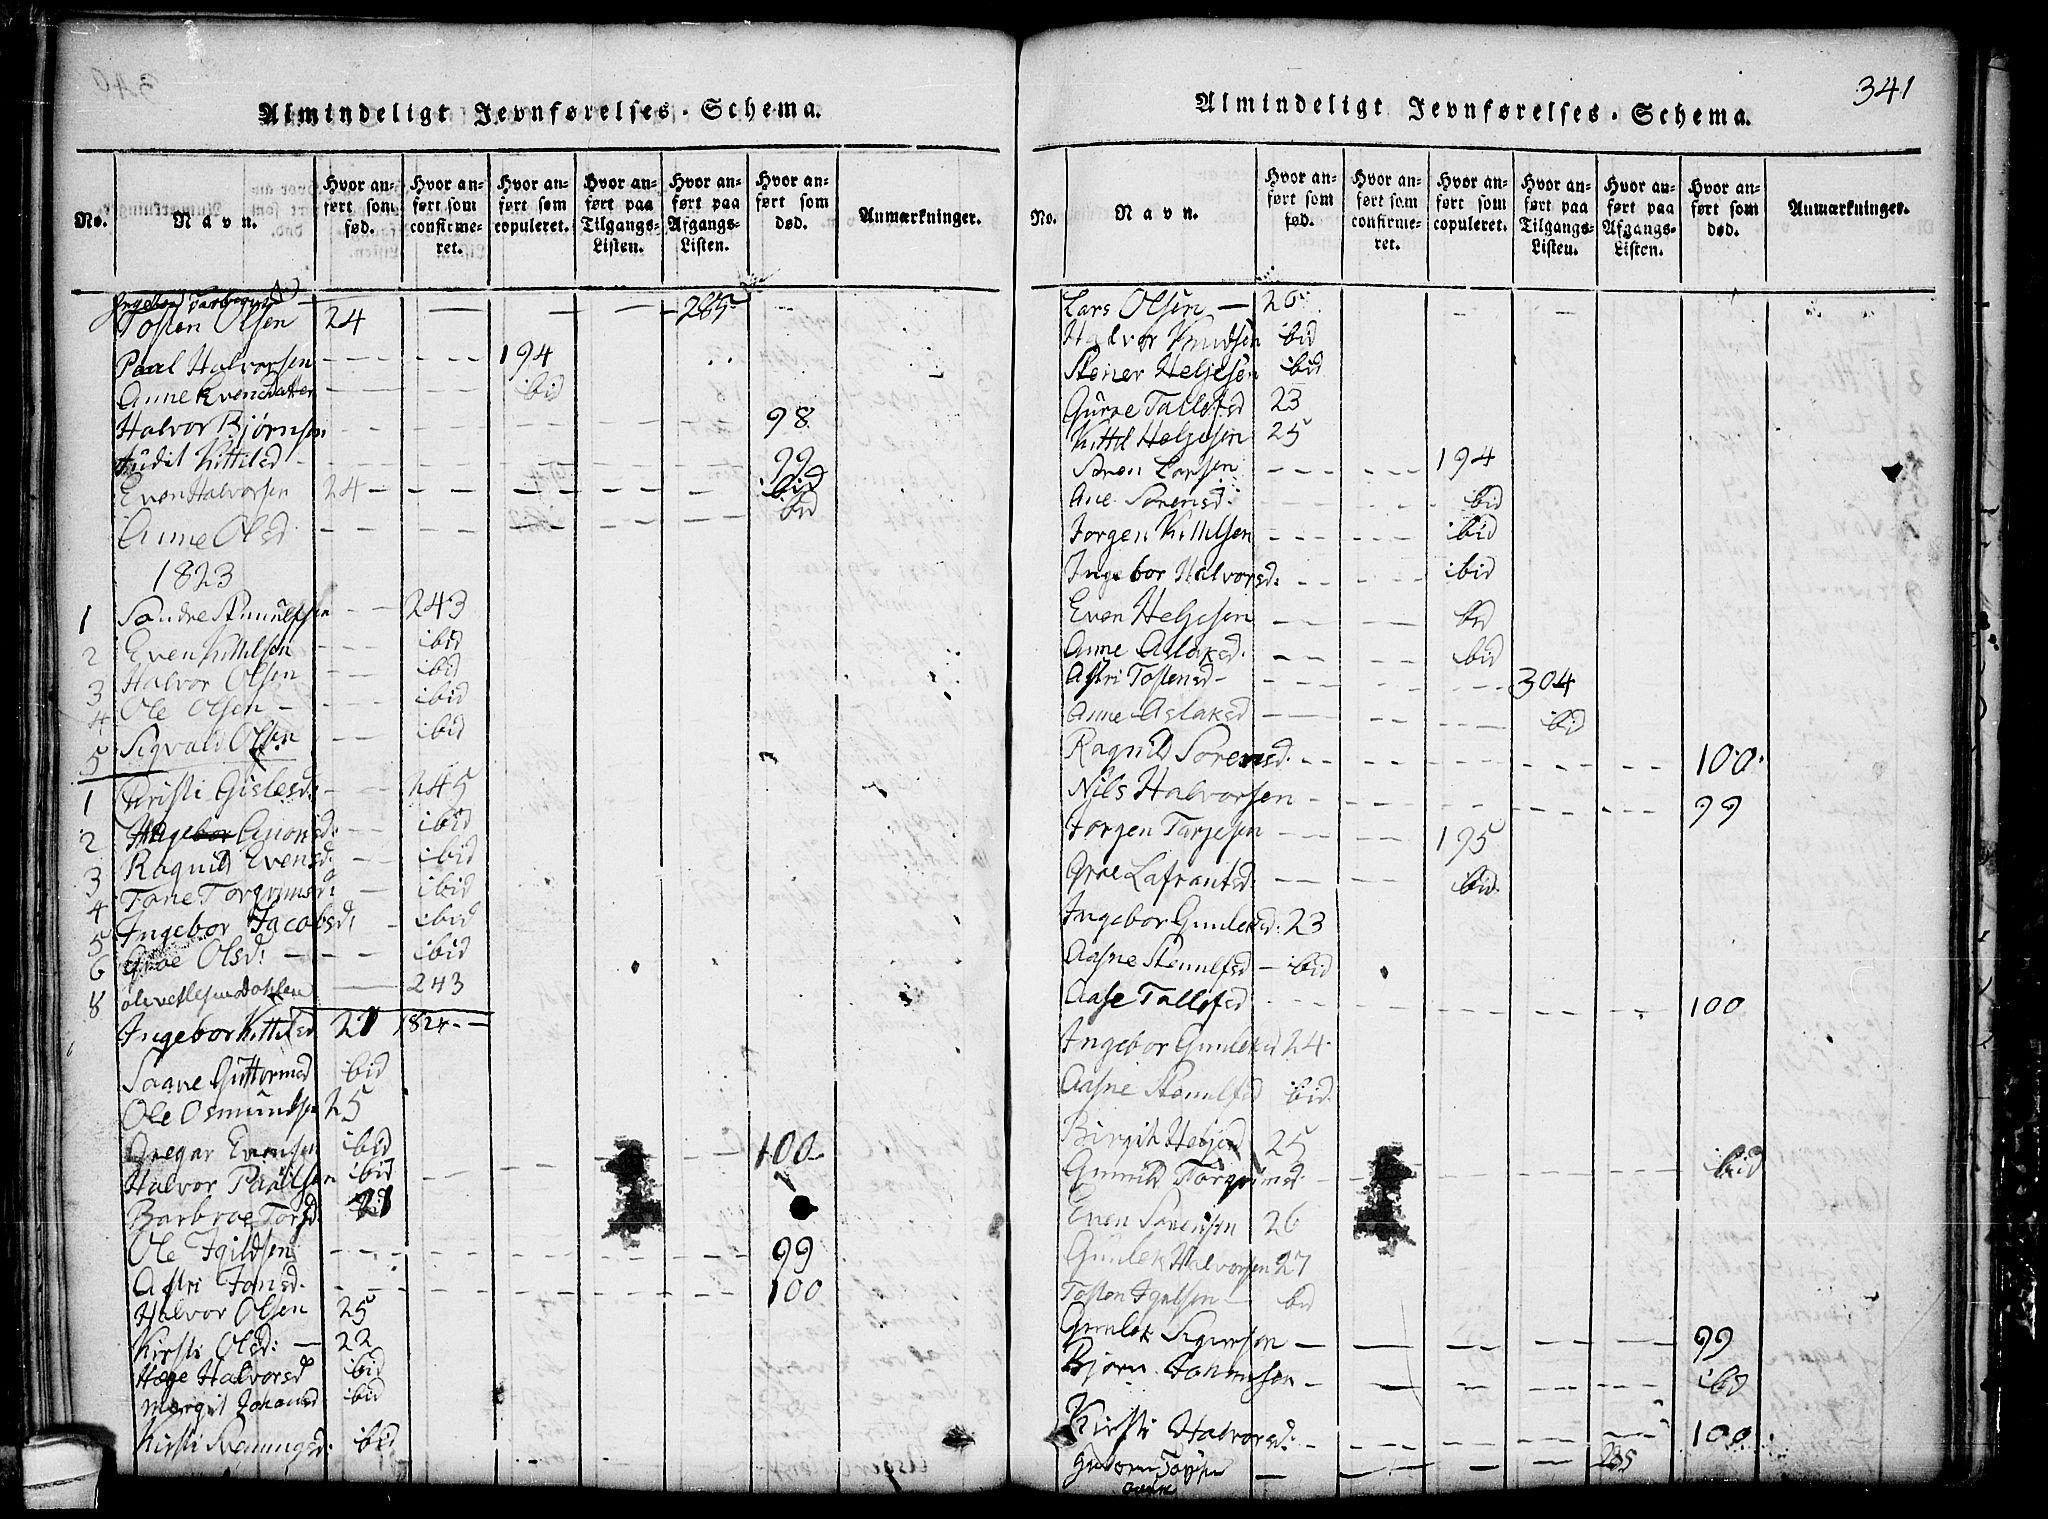 SAKO, Seljord kirkebøker, G/Gb/L0002: Klokkerbok nr. II 2, 1815-1854, s. 341